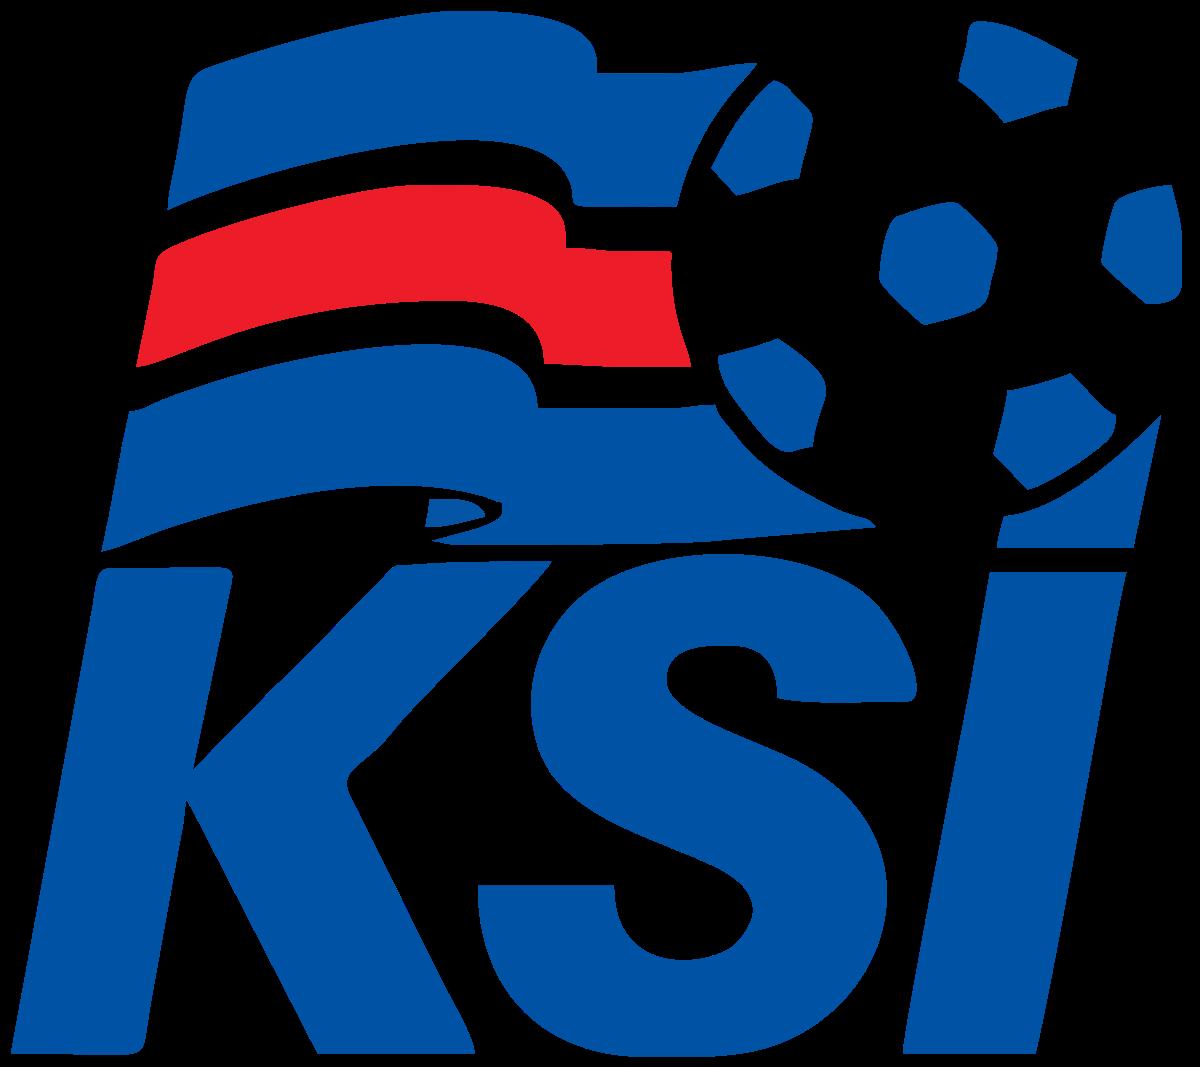 Iceland U-19 W logo